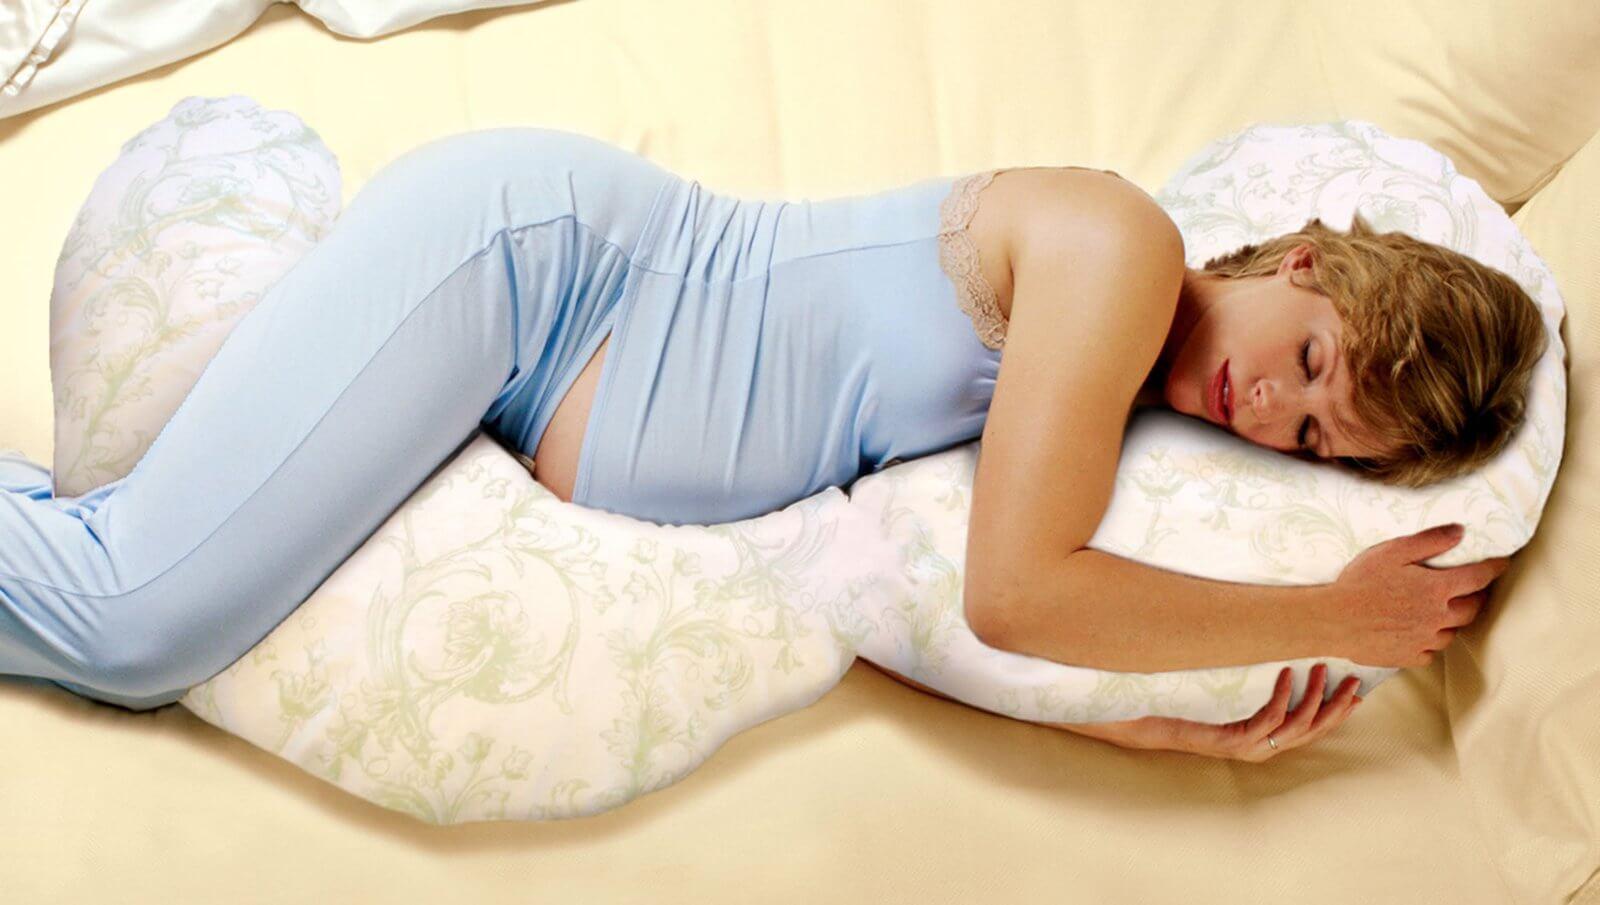 Фото как спят беременные с подушкой